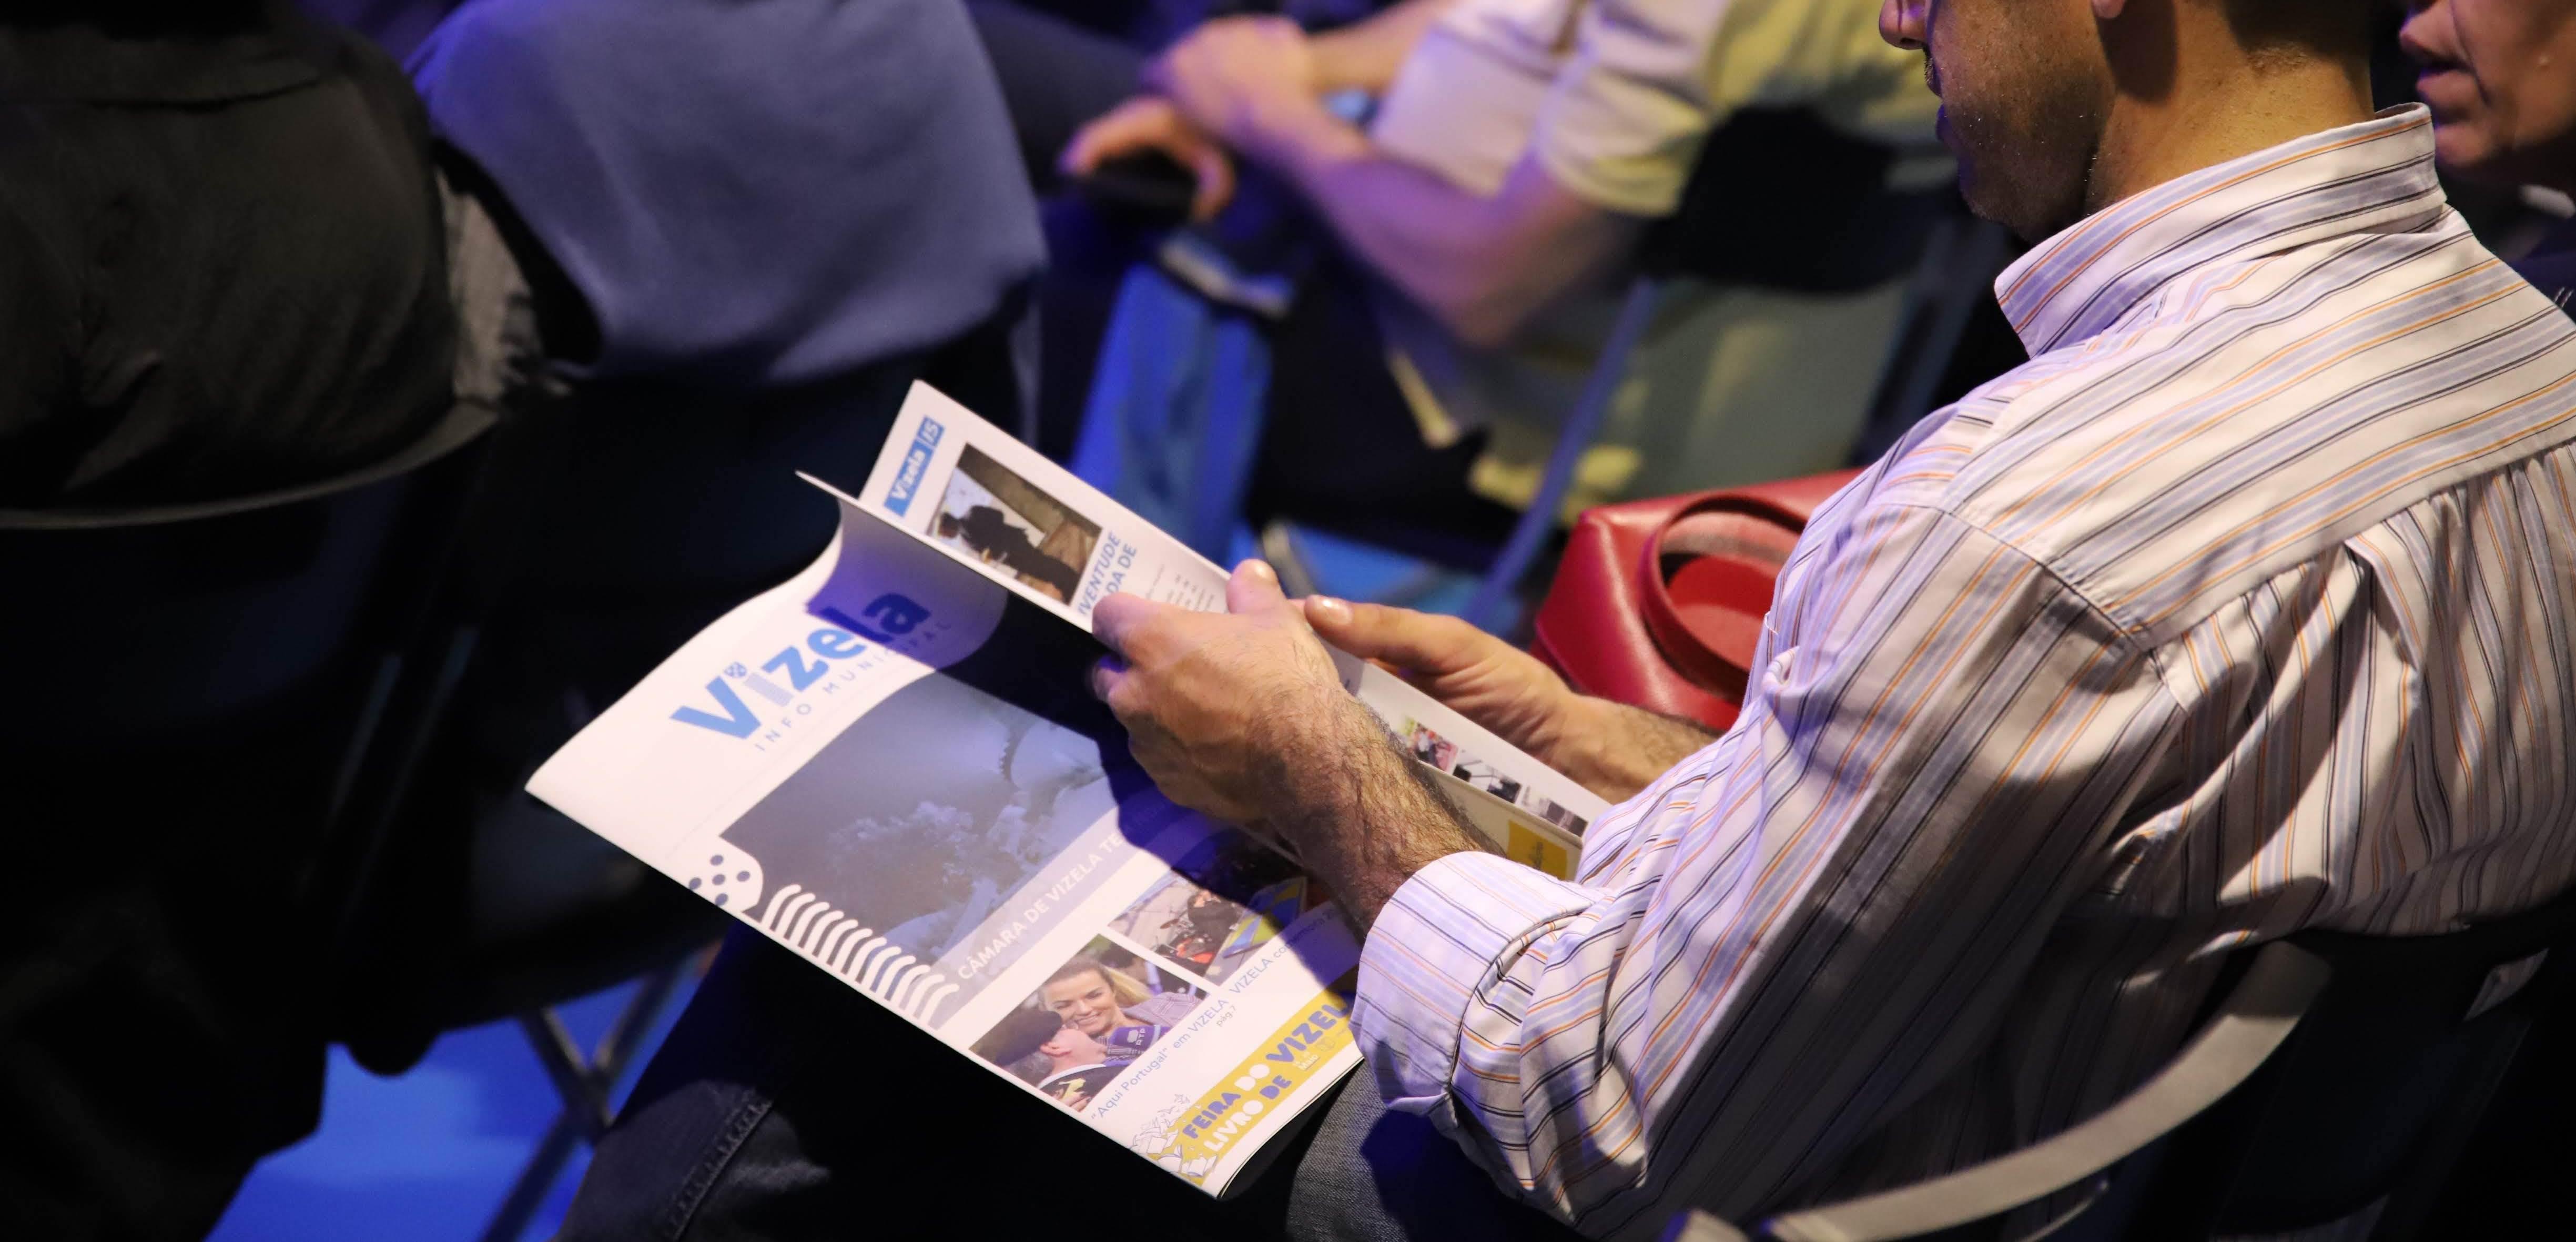 Apresentação da segunda edição do jornal Info Municipal